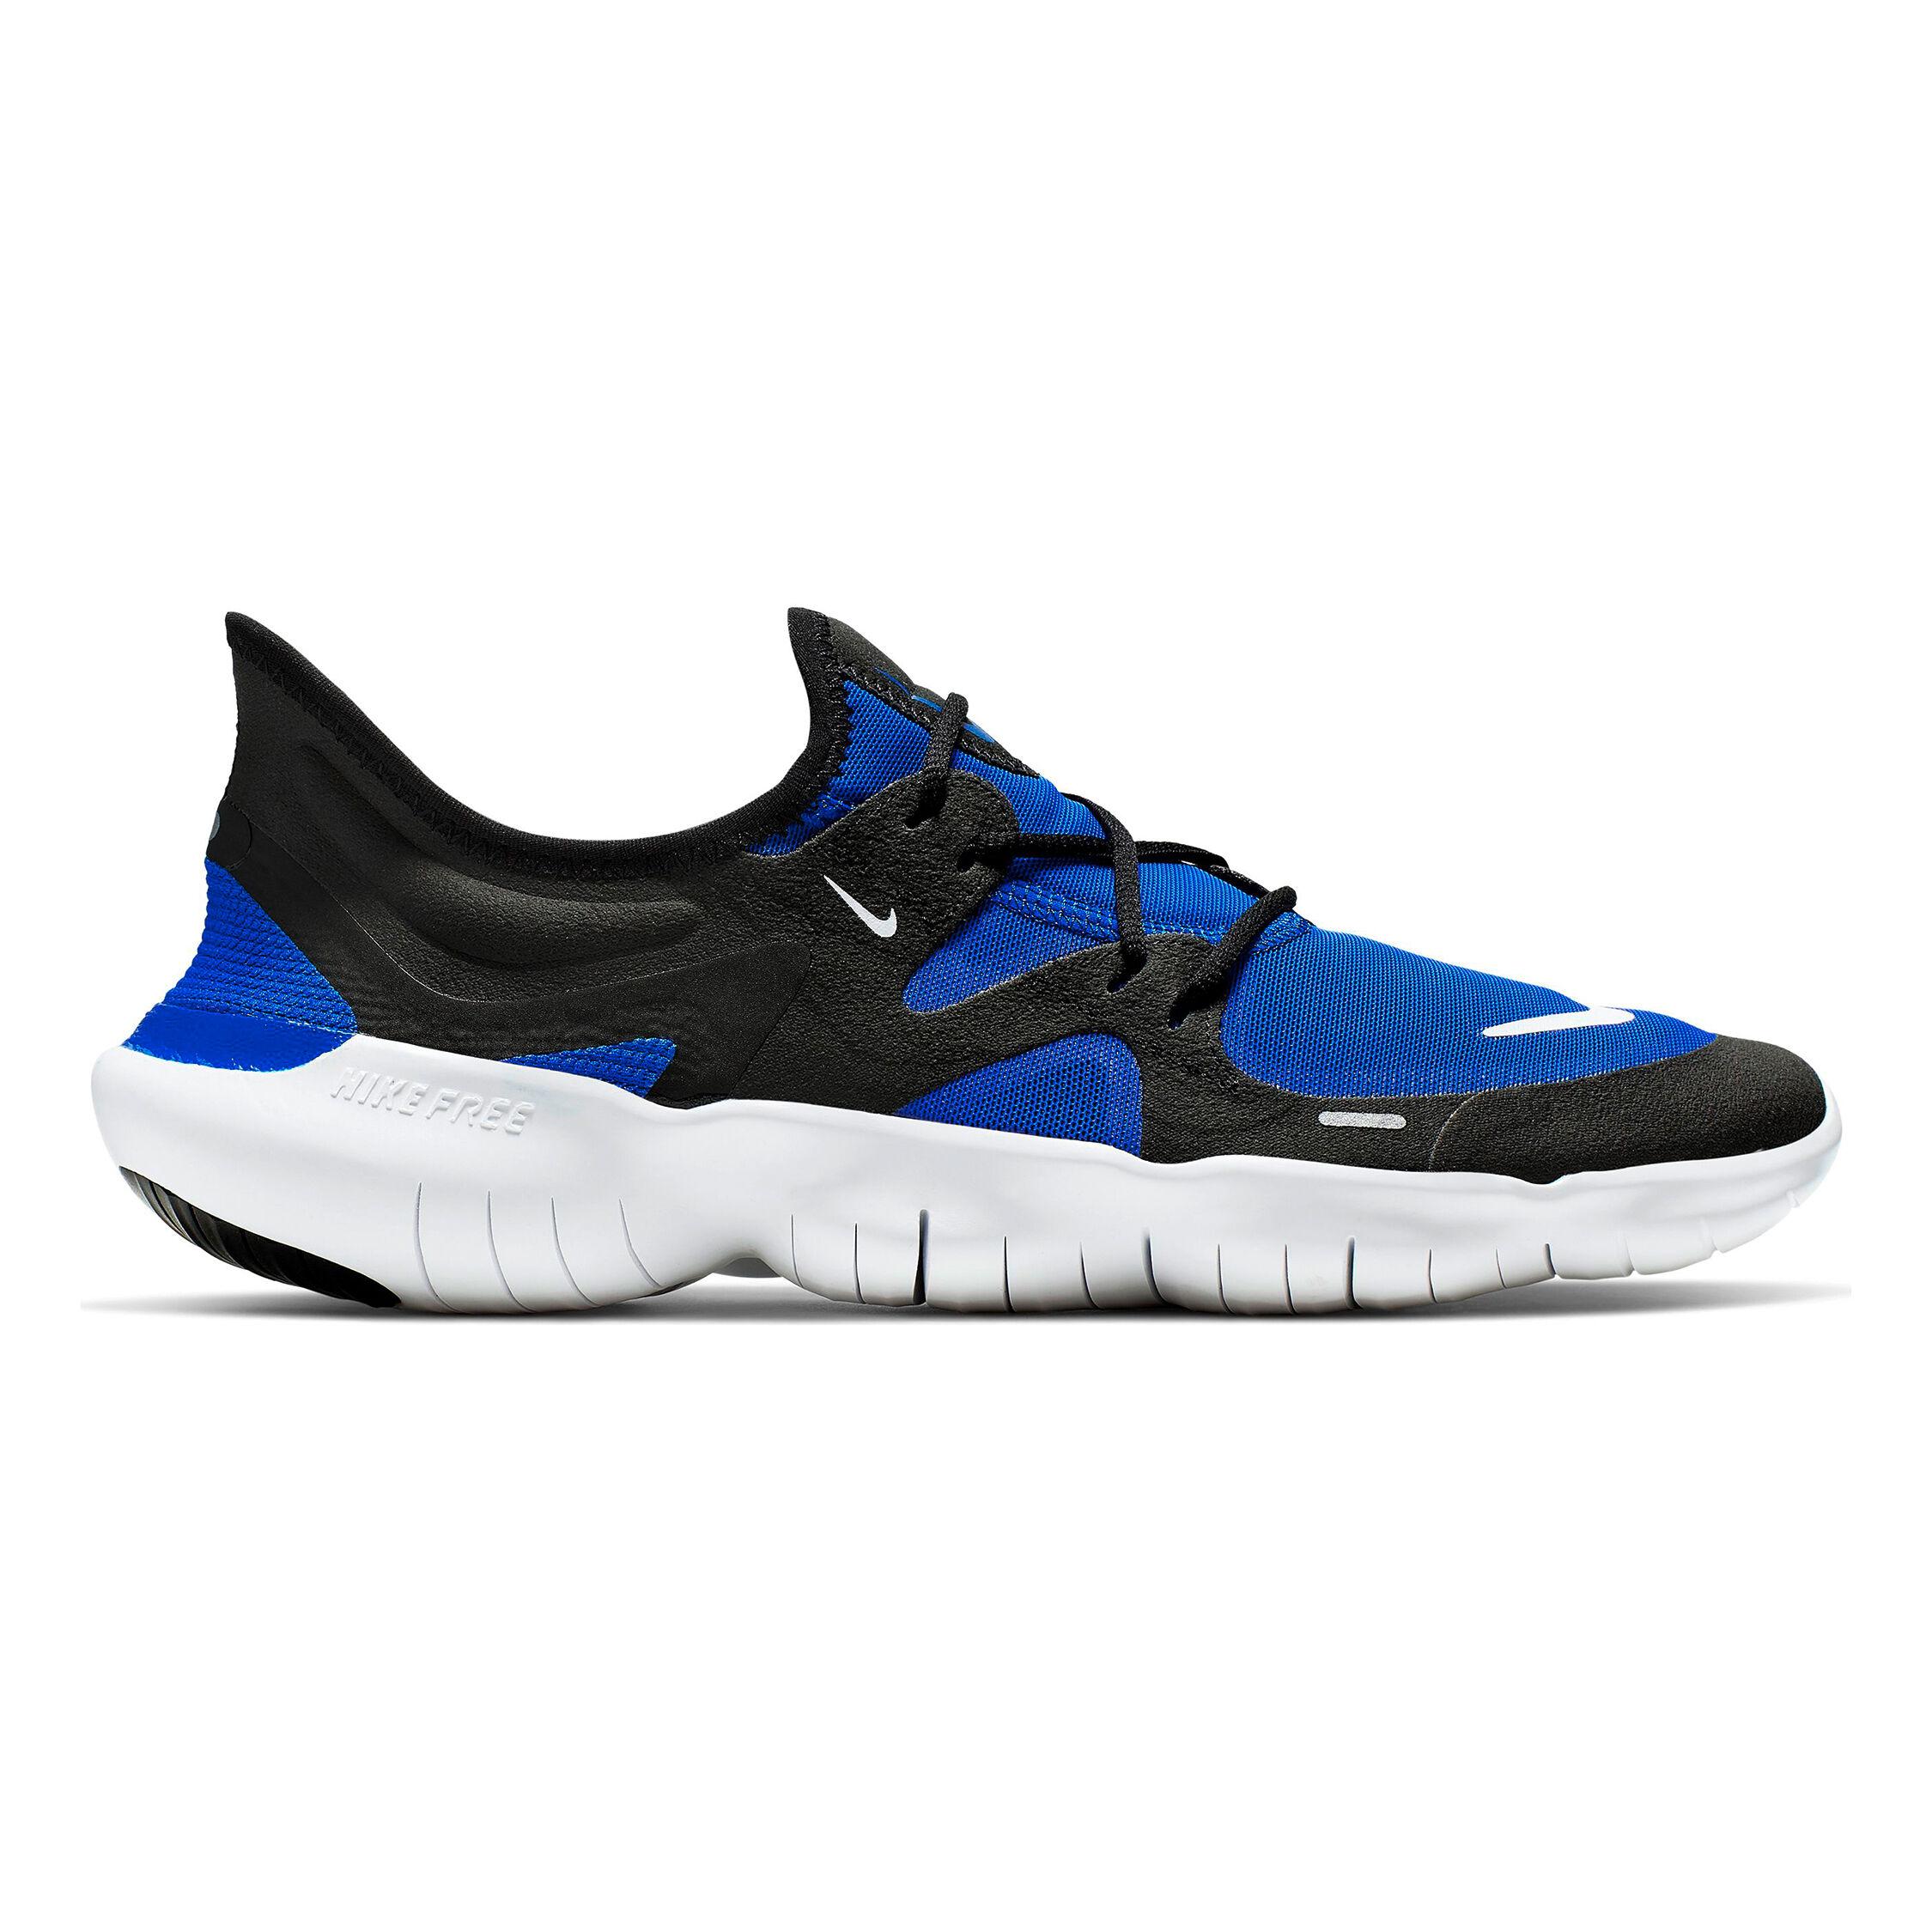 Nike Free Run 5.0 Neutralschuh Herren Blau, Schwarz online